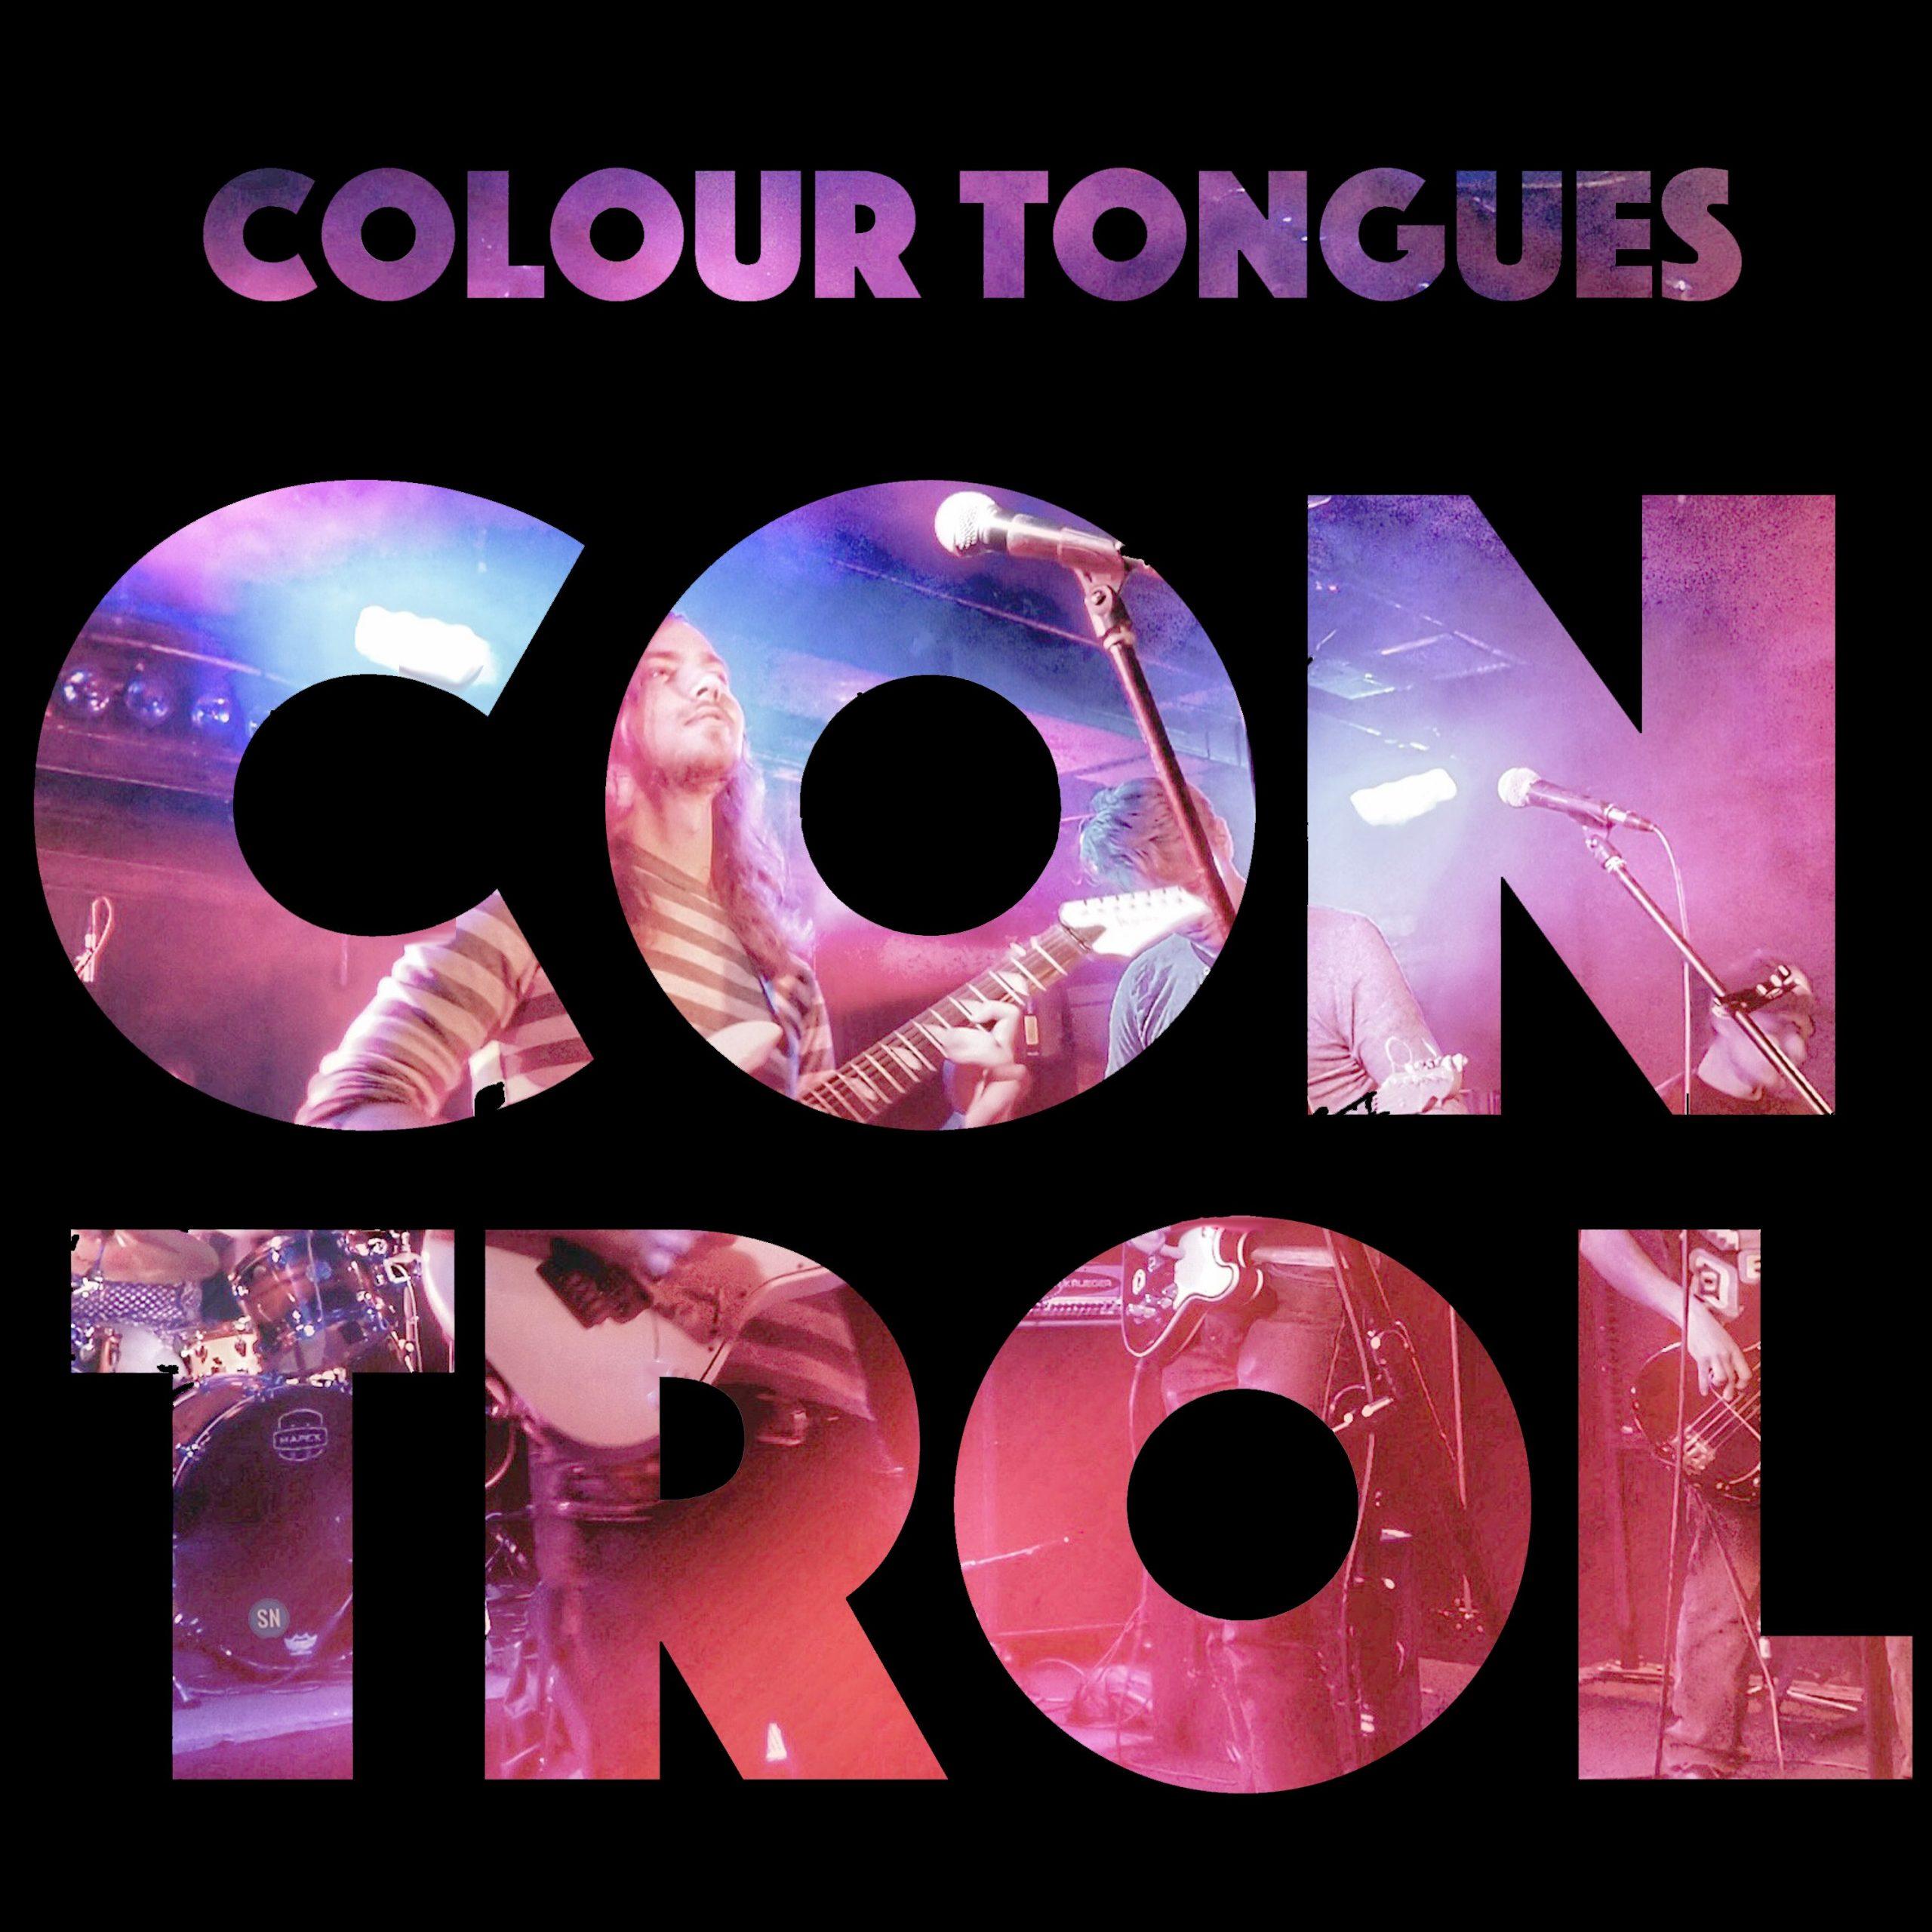 Colour Tongues – Control